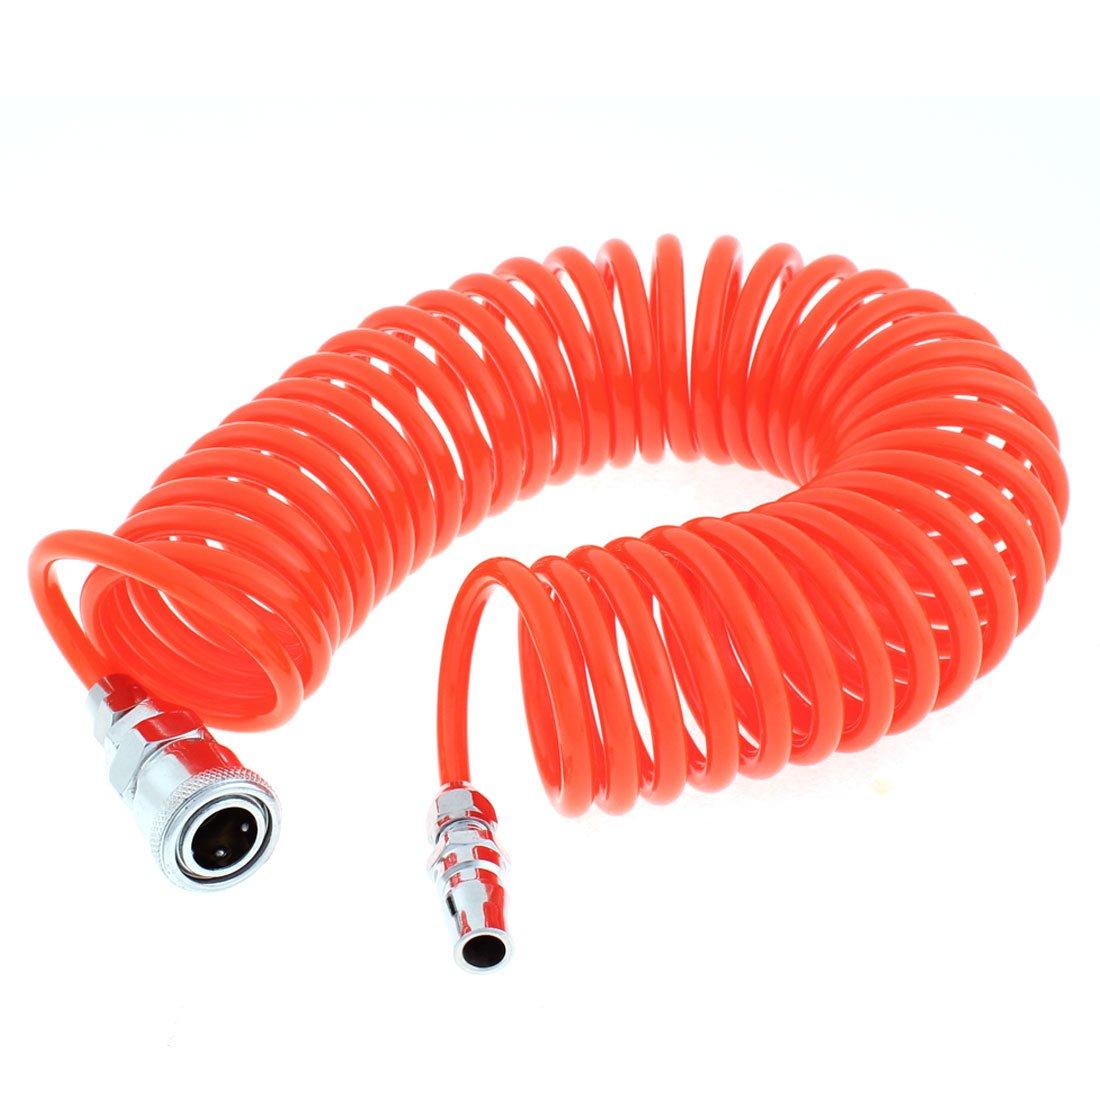 Sourcingmap – Manguera de aire en espiral de poliuretano, 6 m de largo, 6 mm x 4 mm, color naranja a15121100ux0025